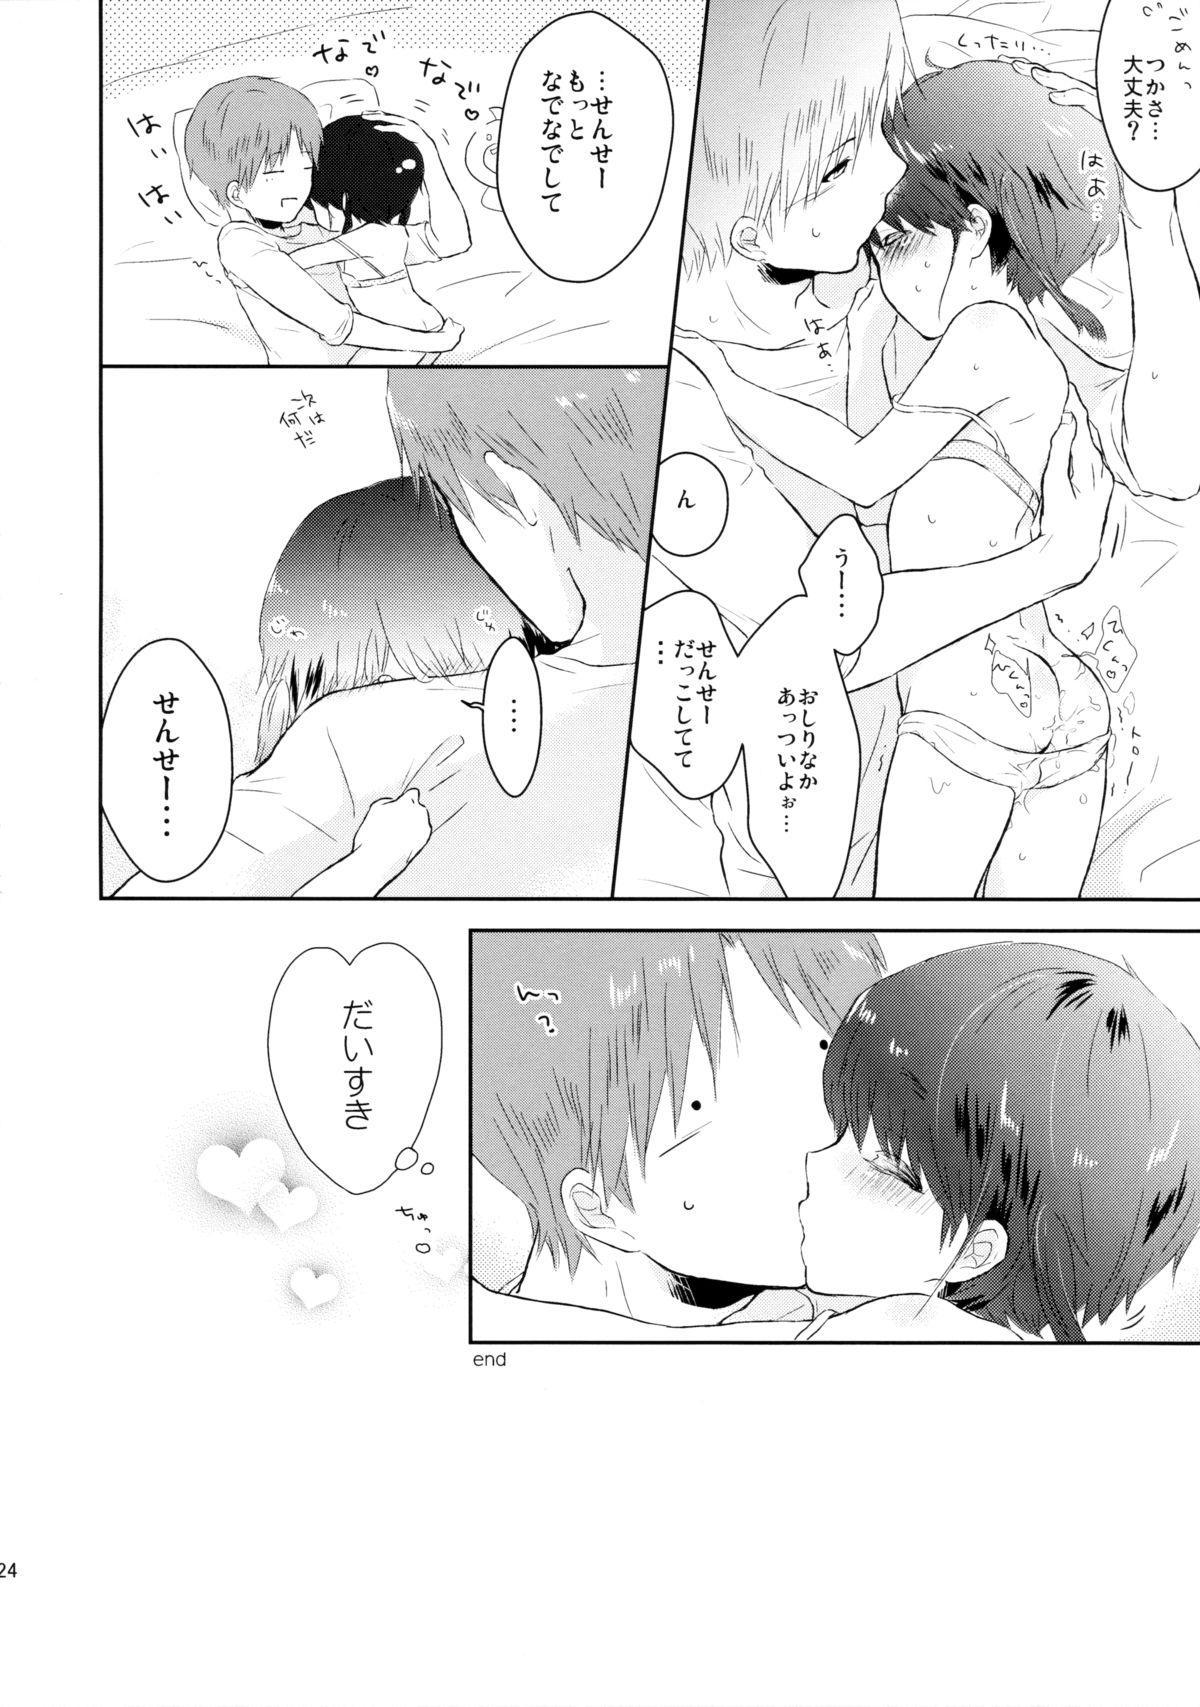 Yasashii Sensei no Kouryaku Houhou 24